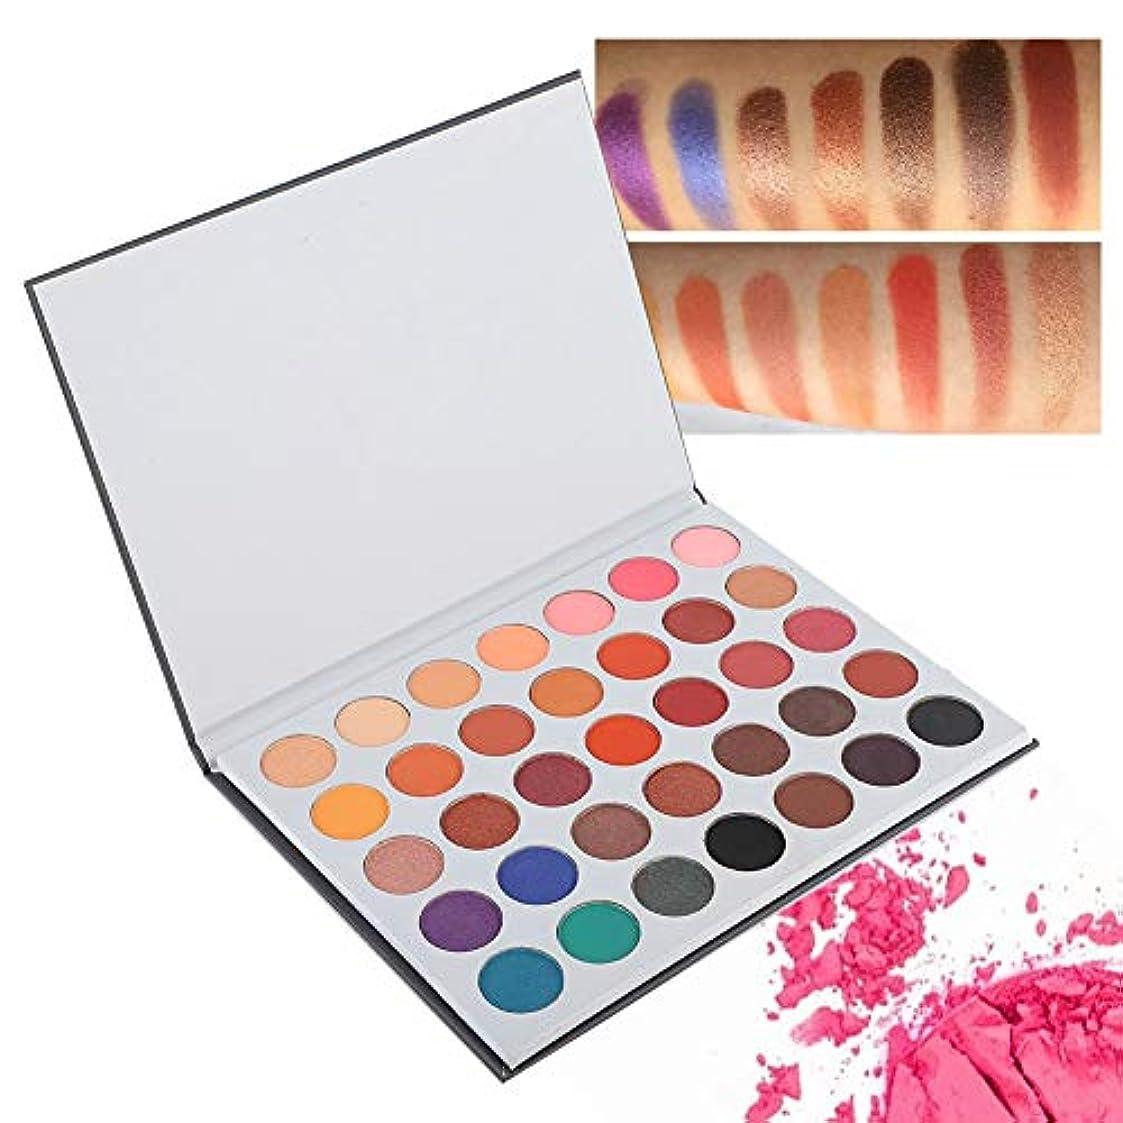 リダクタートンペルセウス35色アイシャドウパレット、アイシャドウパレット化粧マットグロスアイシャドウパウダー化粧品ツール(02)